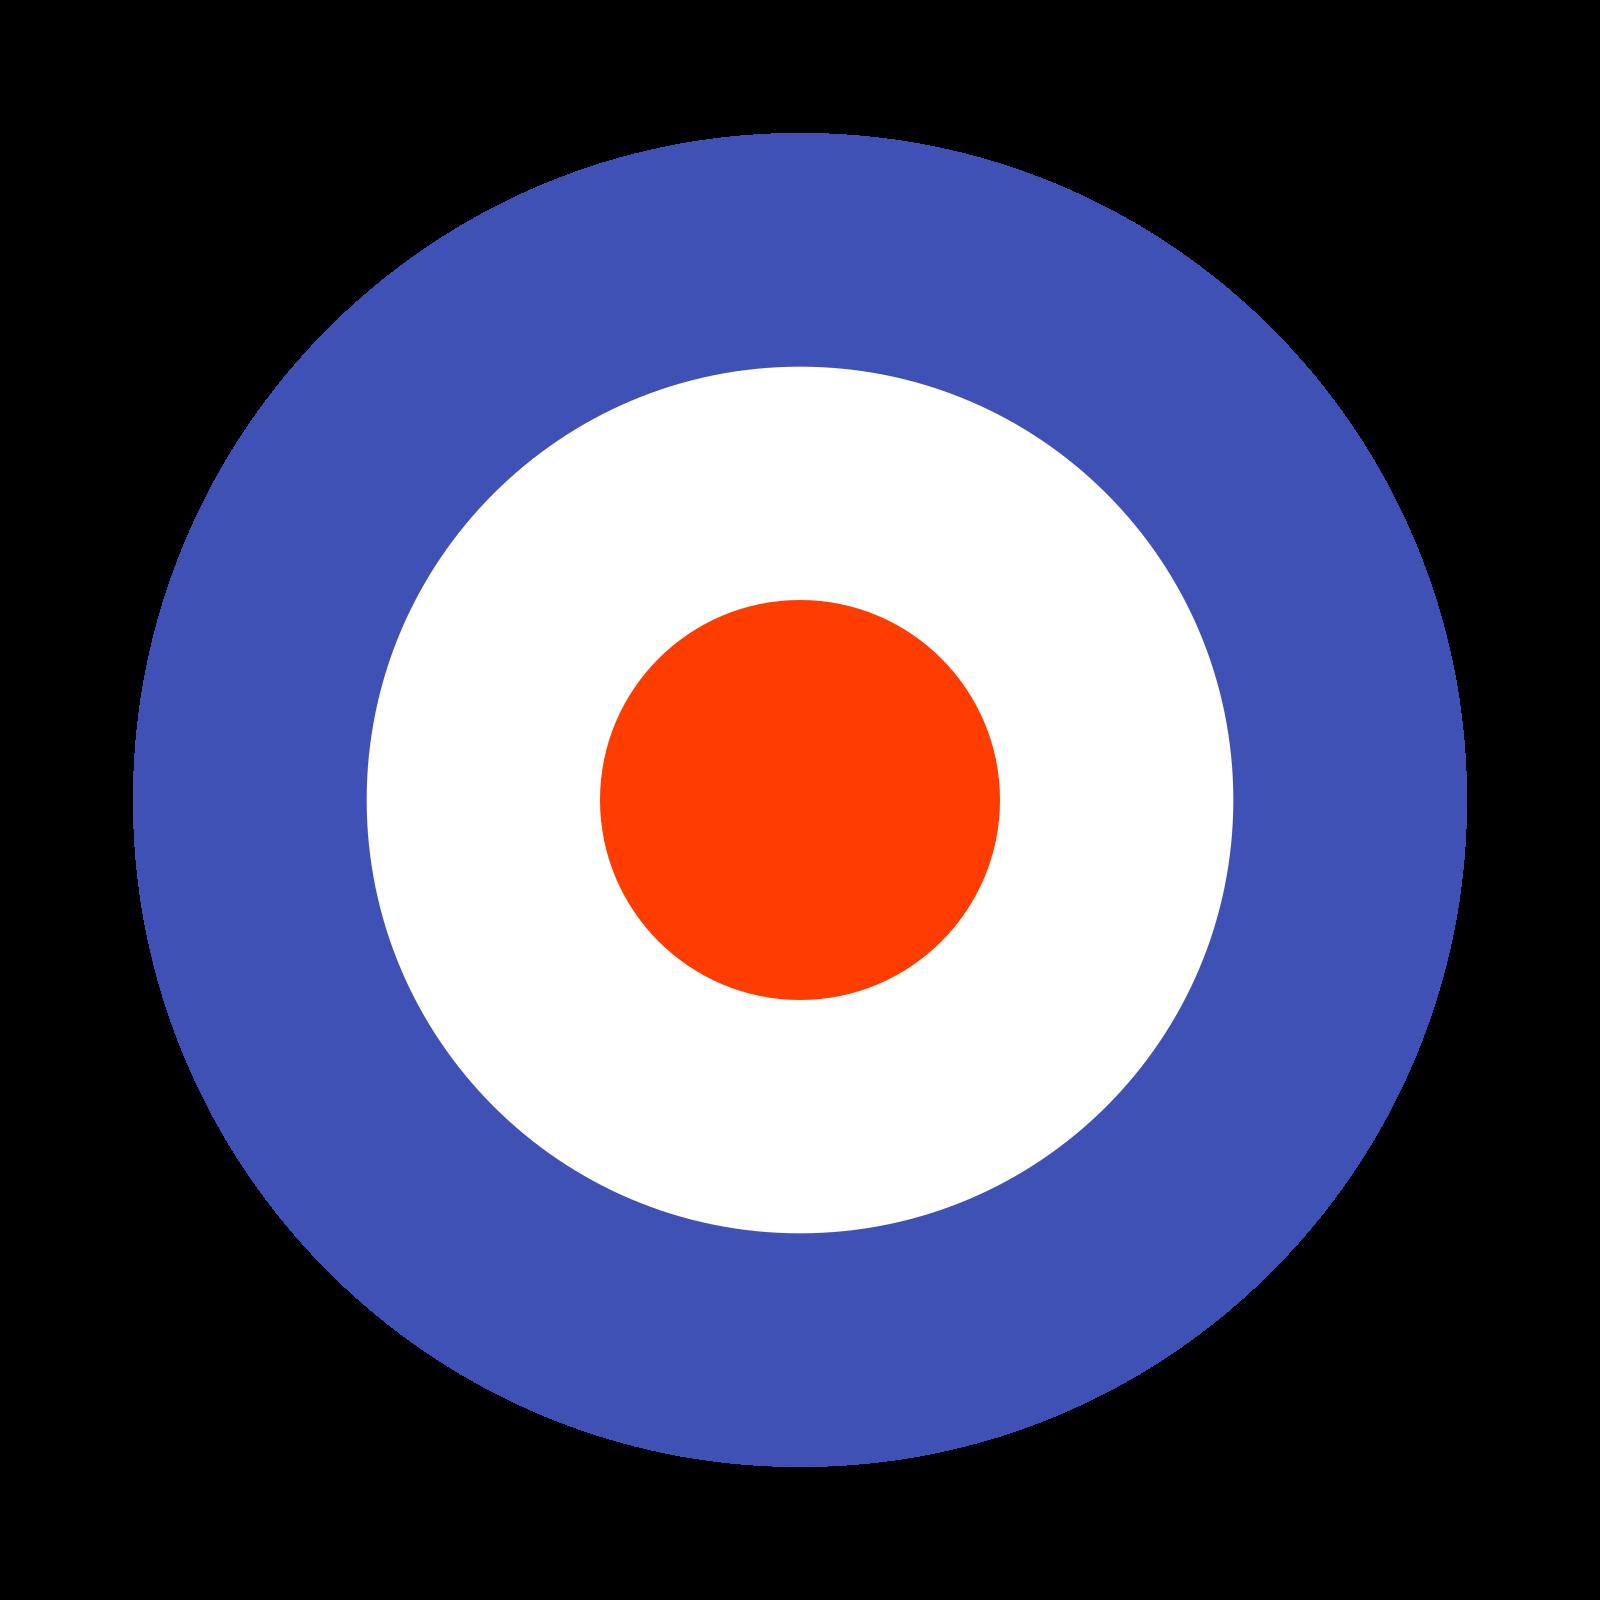 Królewskie Siły Powietrzne icon